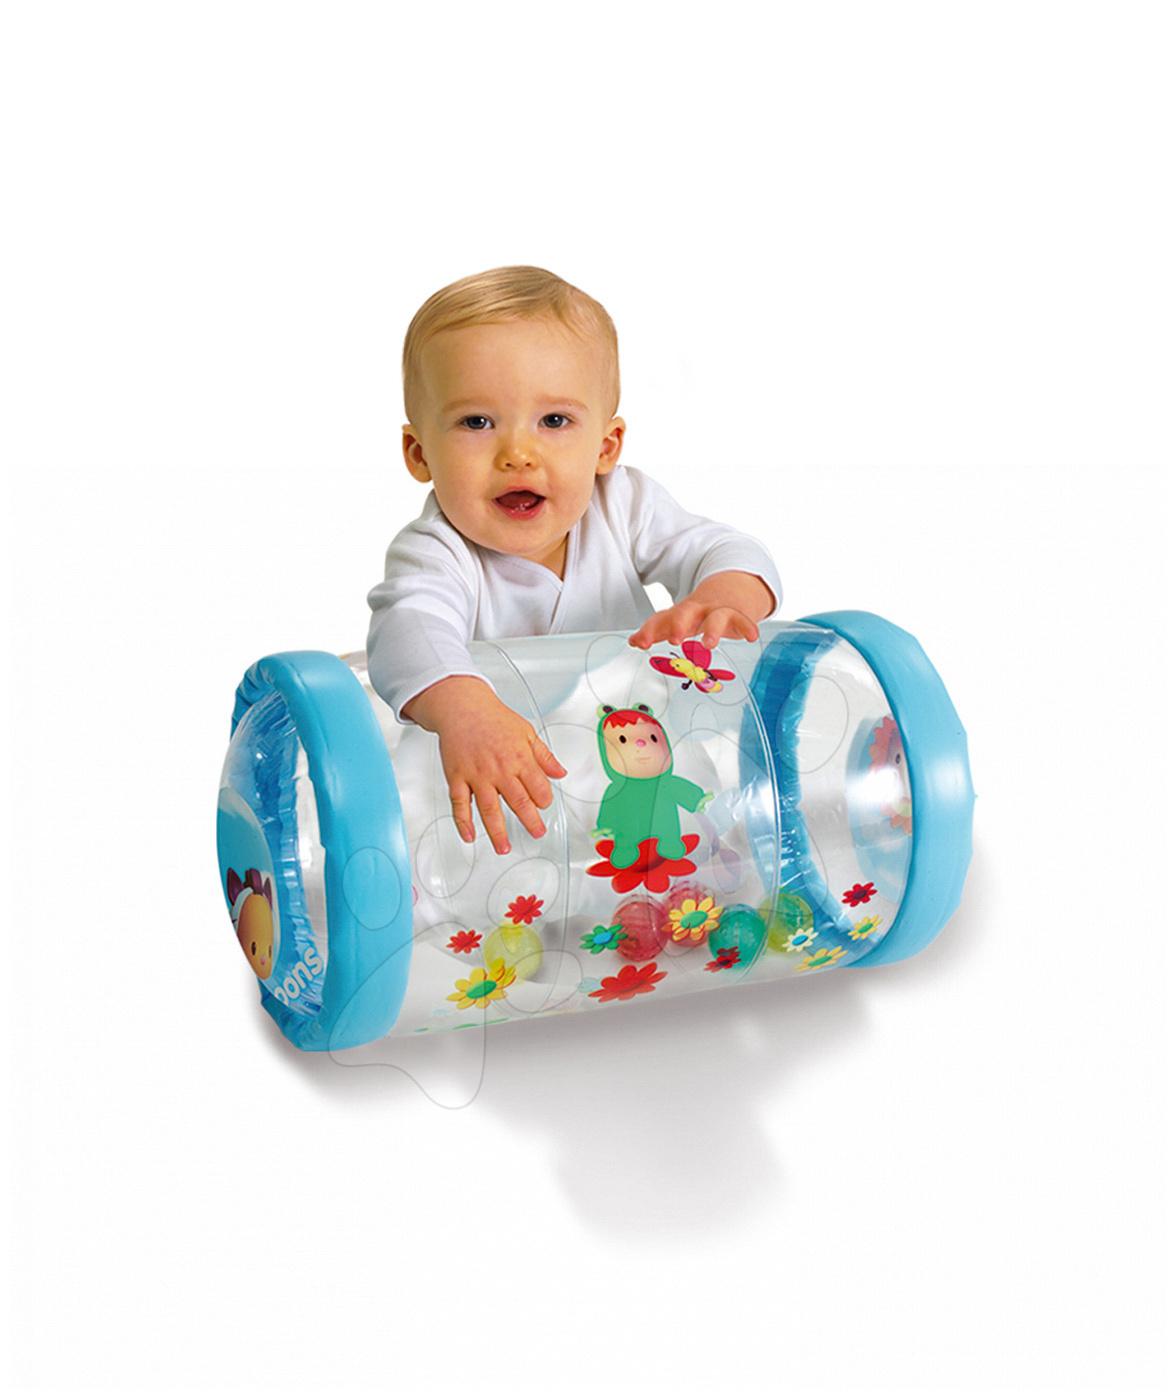 Premergătoare - Cilindru bebe Baby Roul Cotoons Smoby albastru de la 12 luni